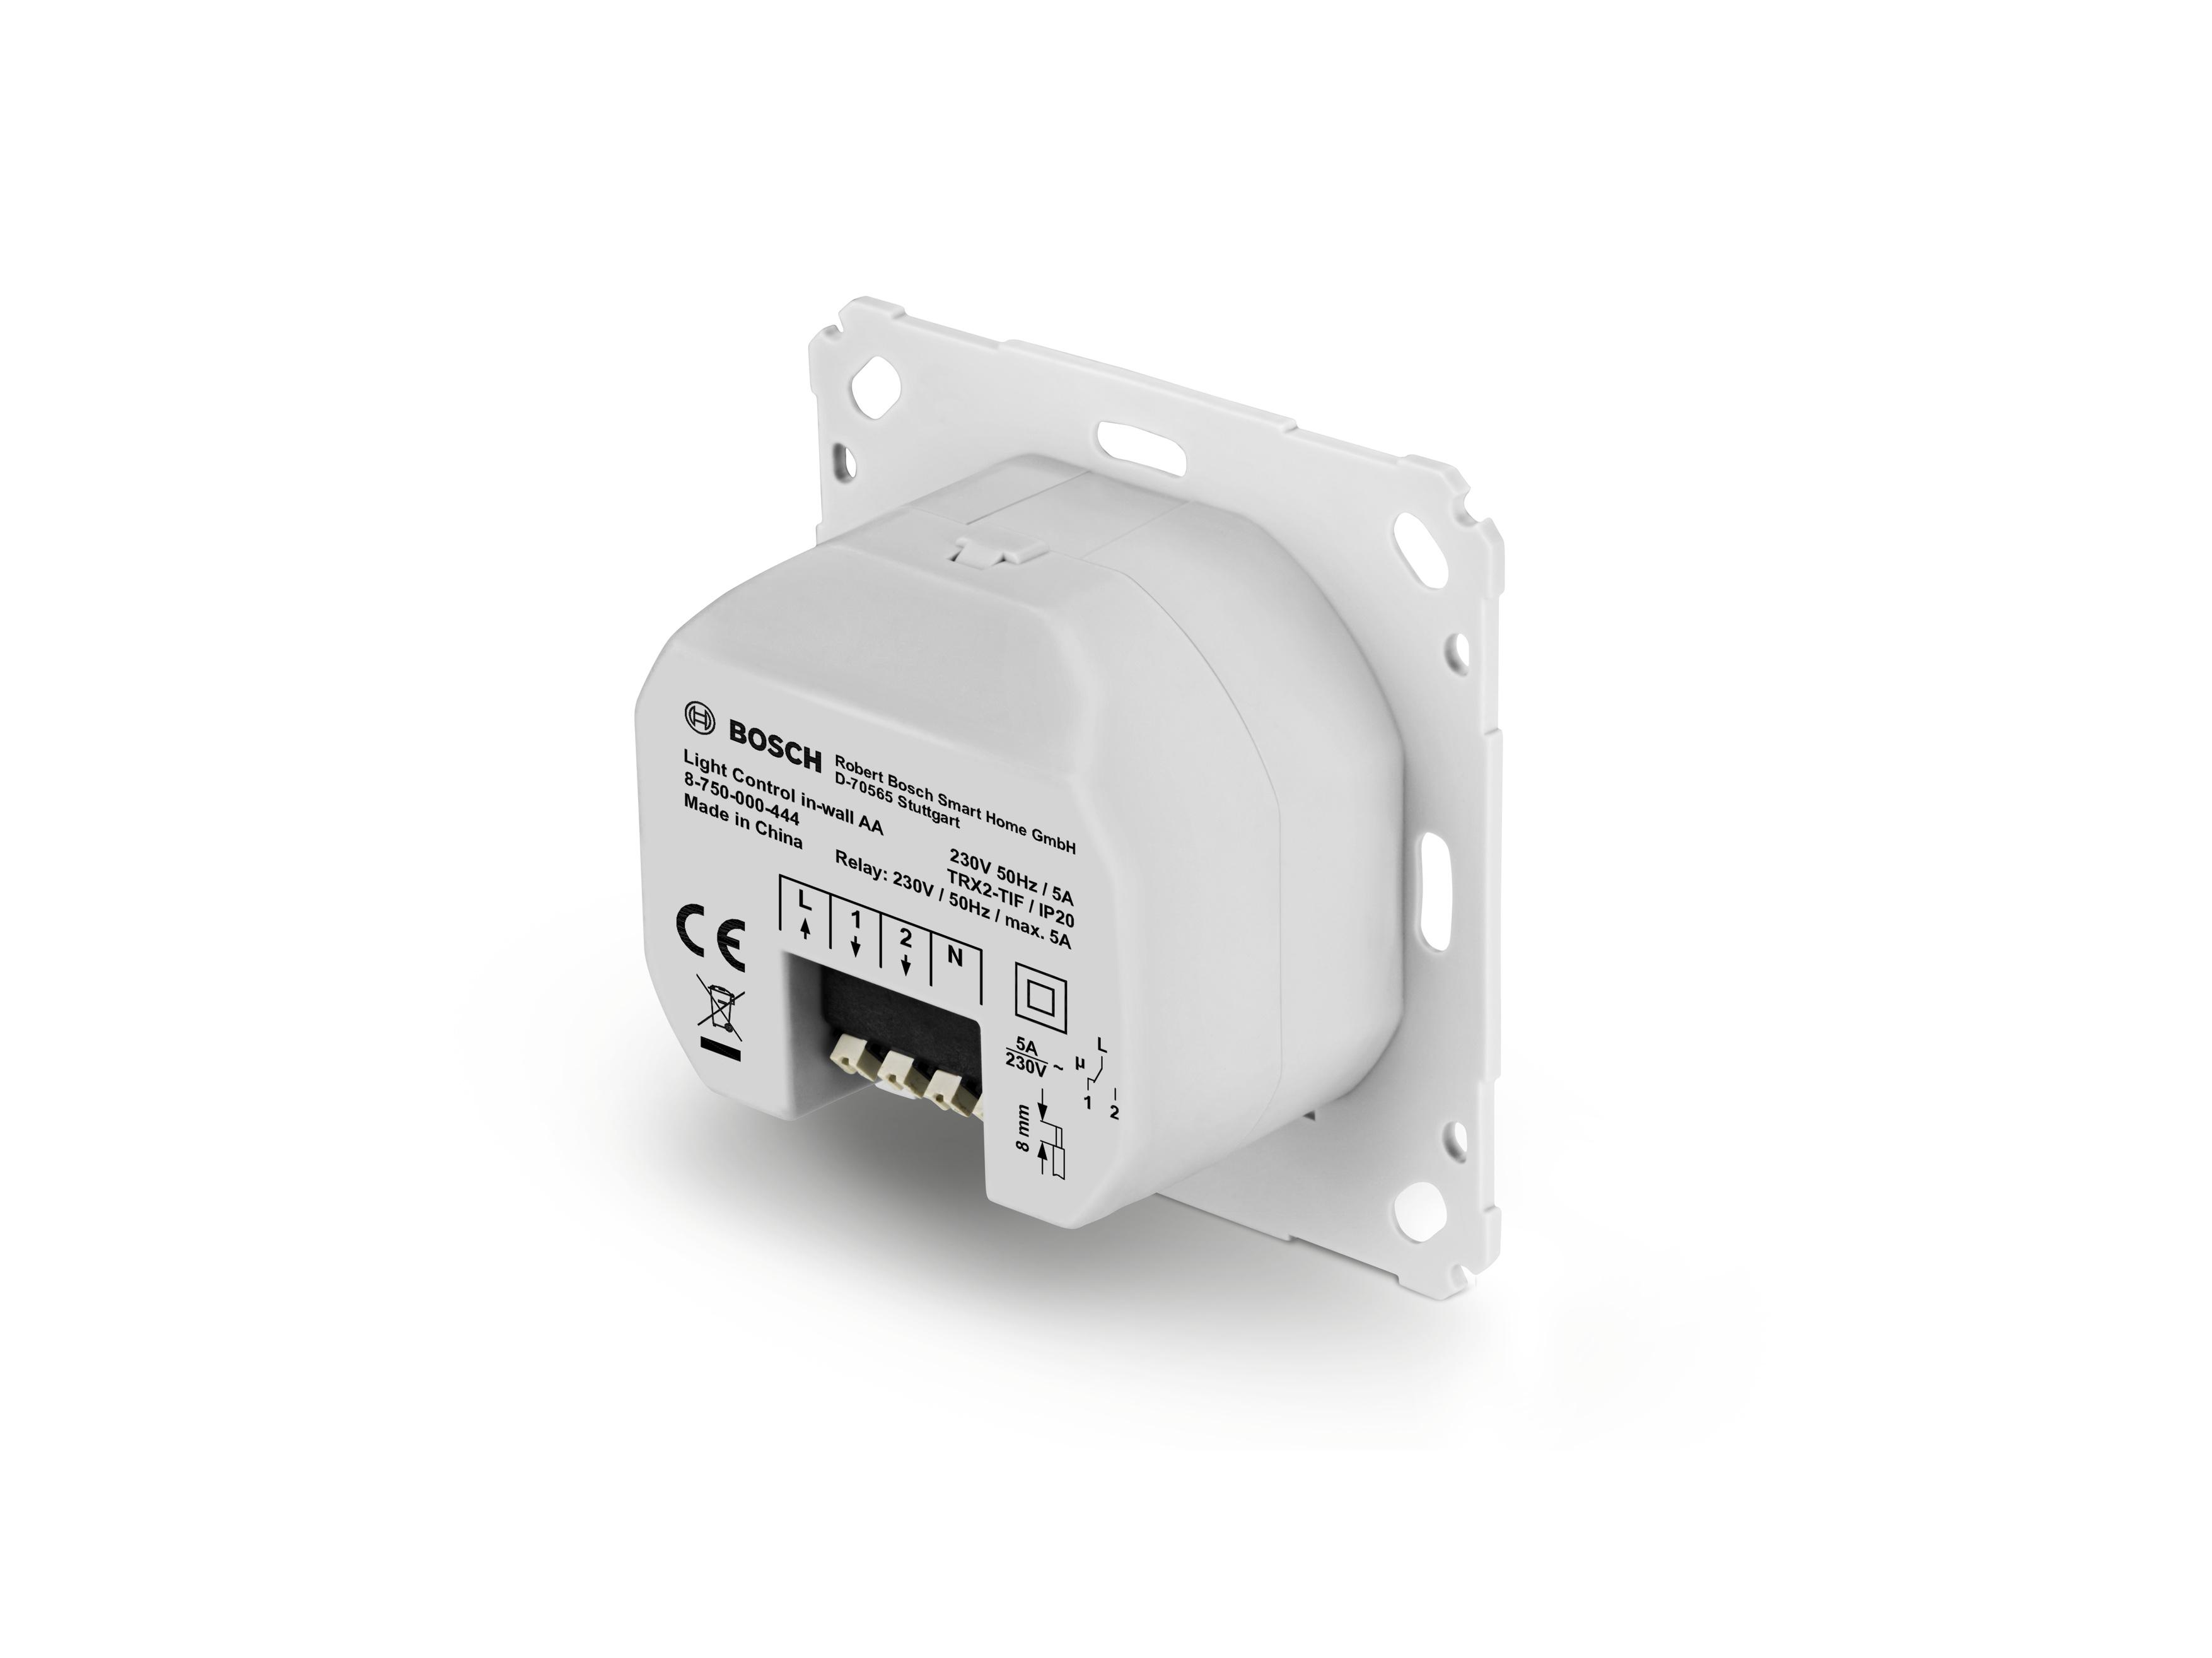 Bosch Smart Home - Lichtsteuerung